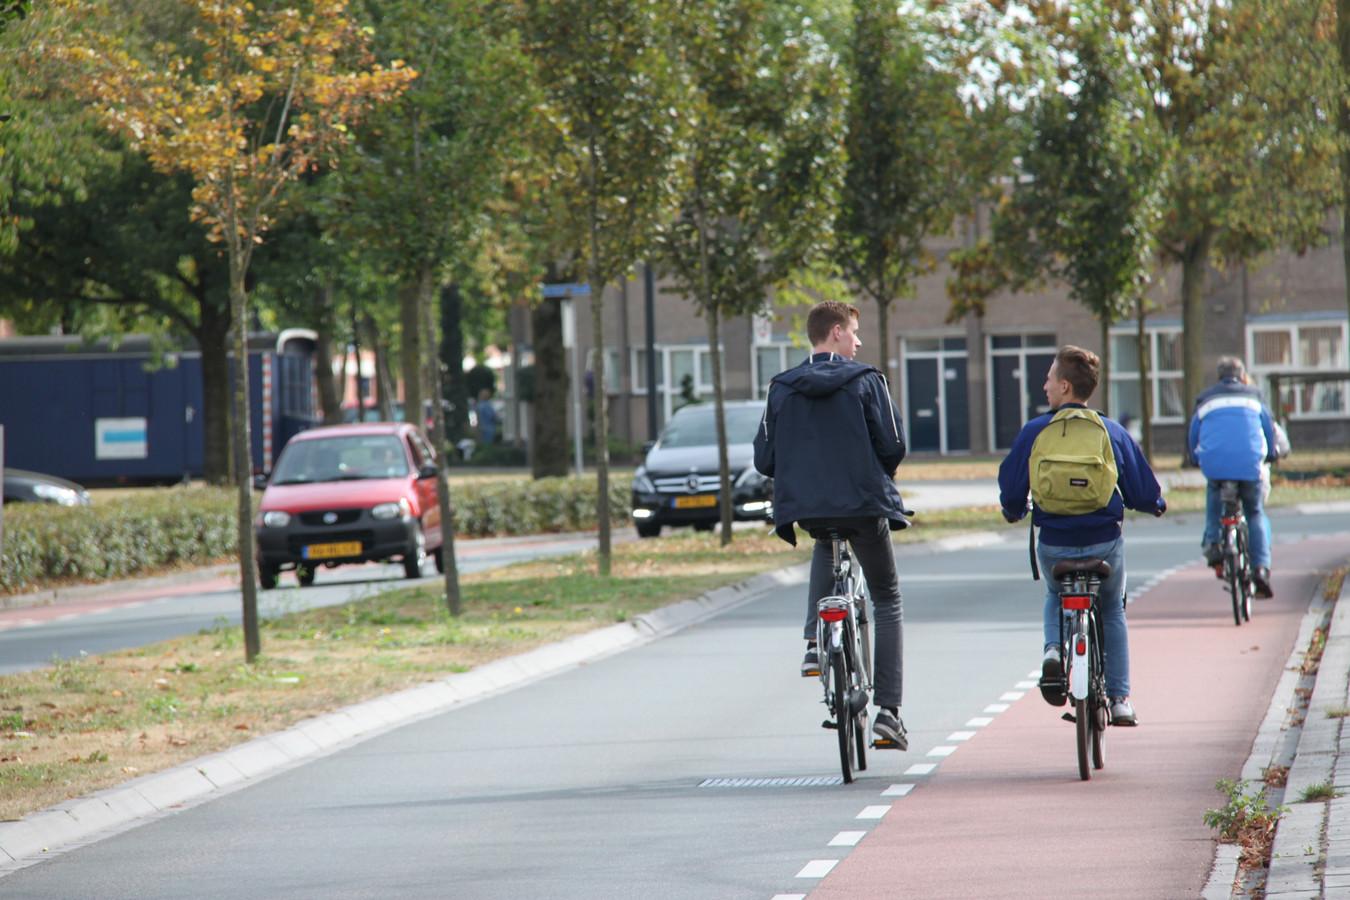 Uden gaat de gevaarlijke Land van Ravensteinstraat aanpakken. Conform de wens van de aanwonenden wordt de brede middenberm smaller zodat er aparte fietspaden kunnen komen aan beide zijden van de weg.